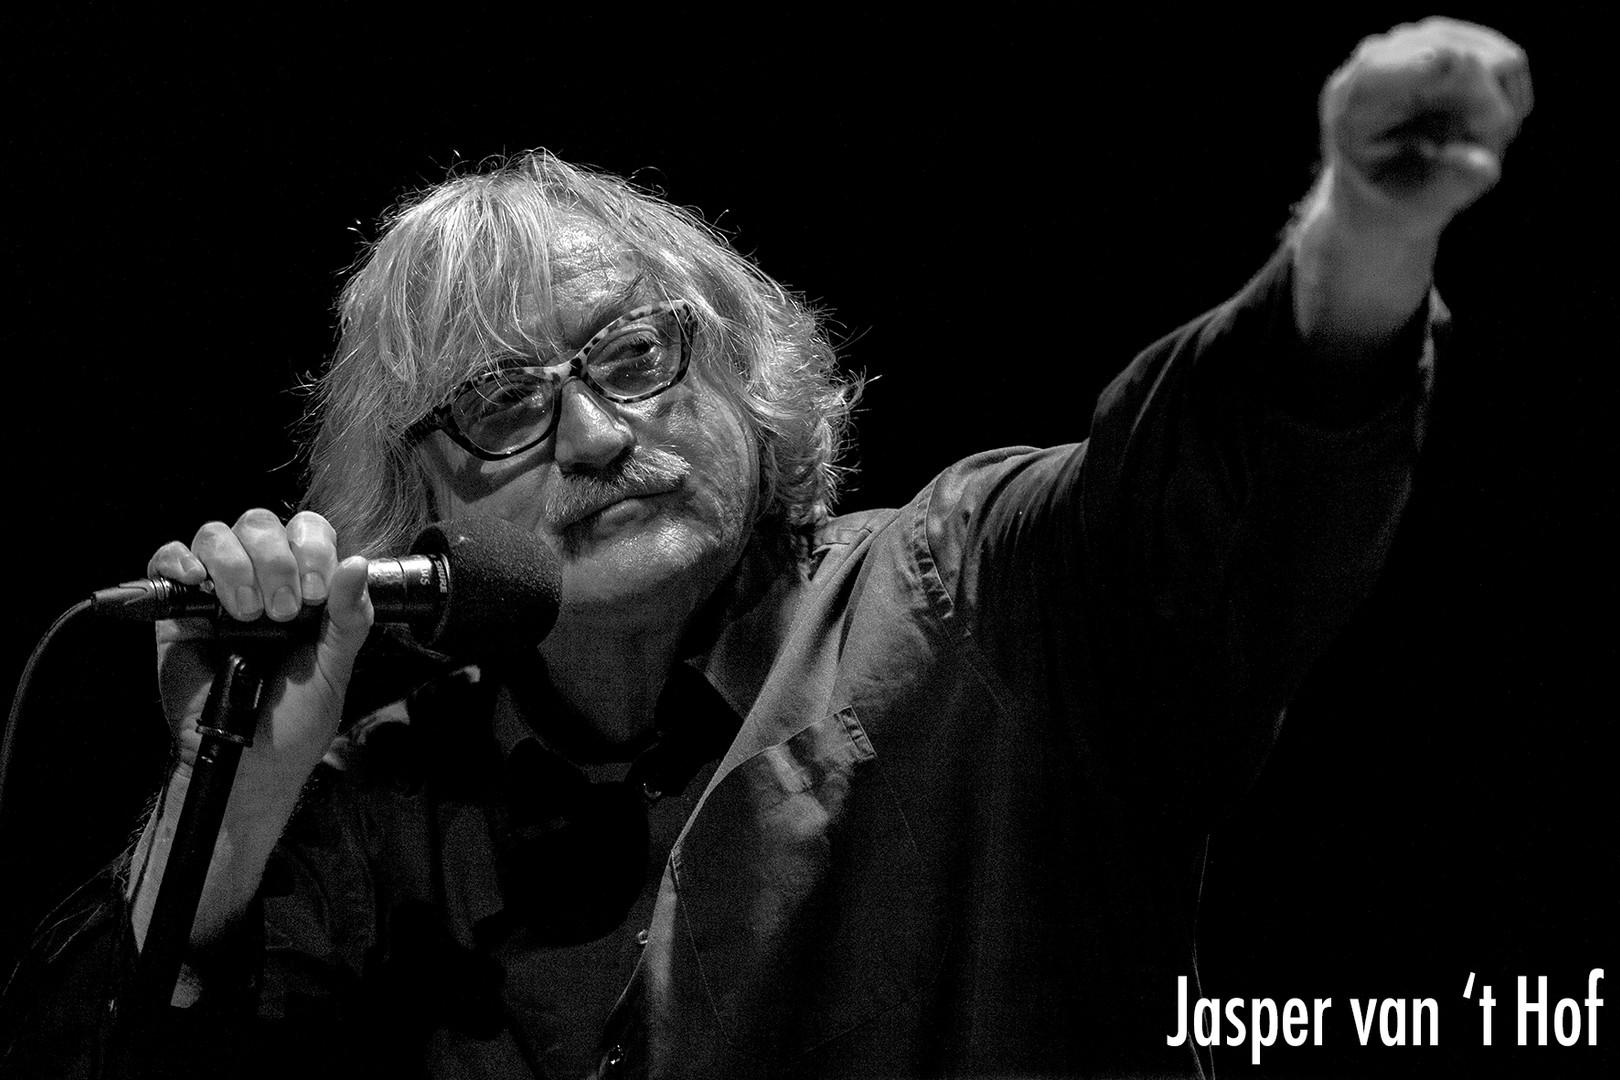 Jasper van 'f Hof